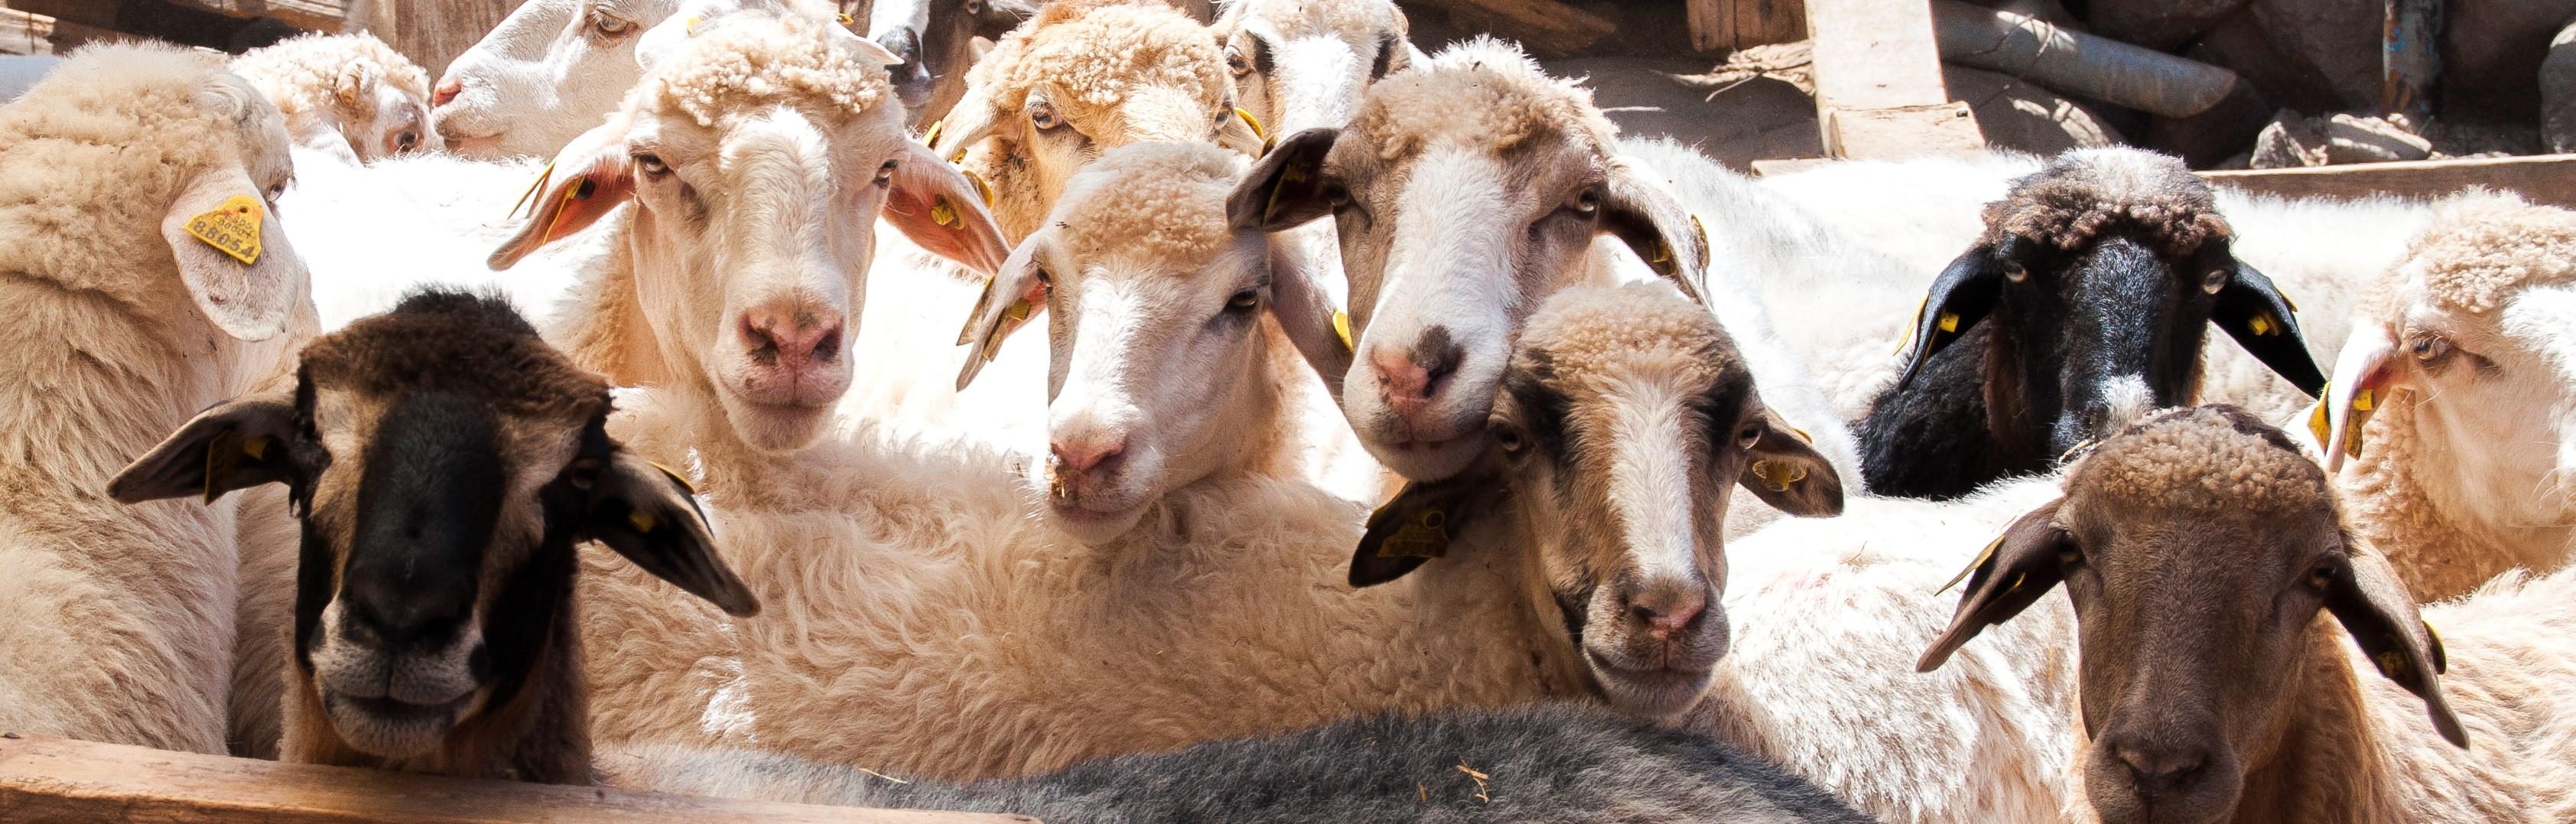 El Gobierno de Canarias aprueba el Programa de Cría de la Oveja Canaria